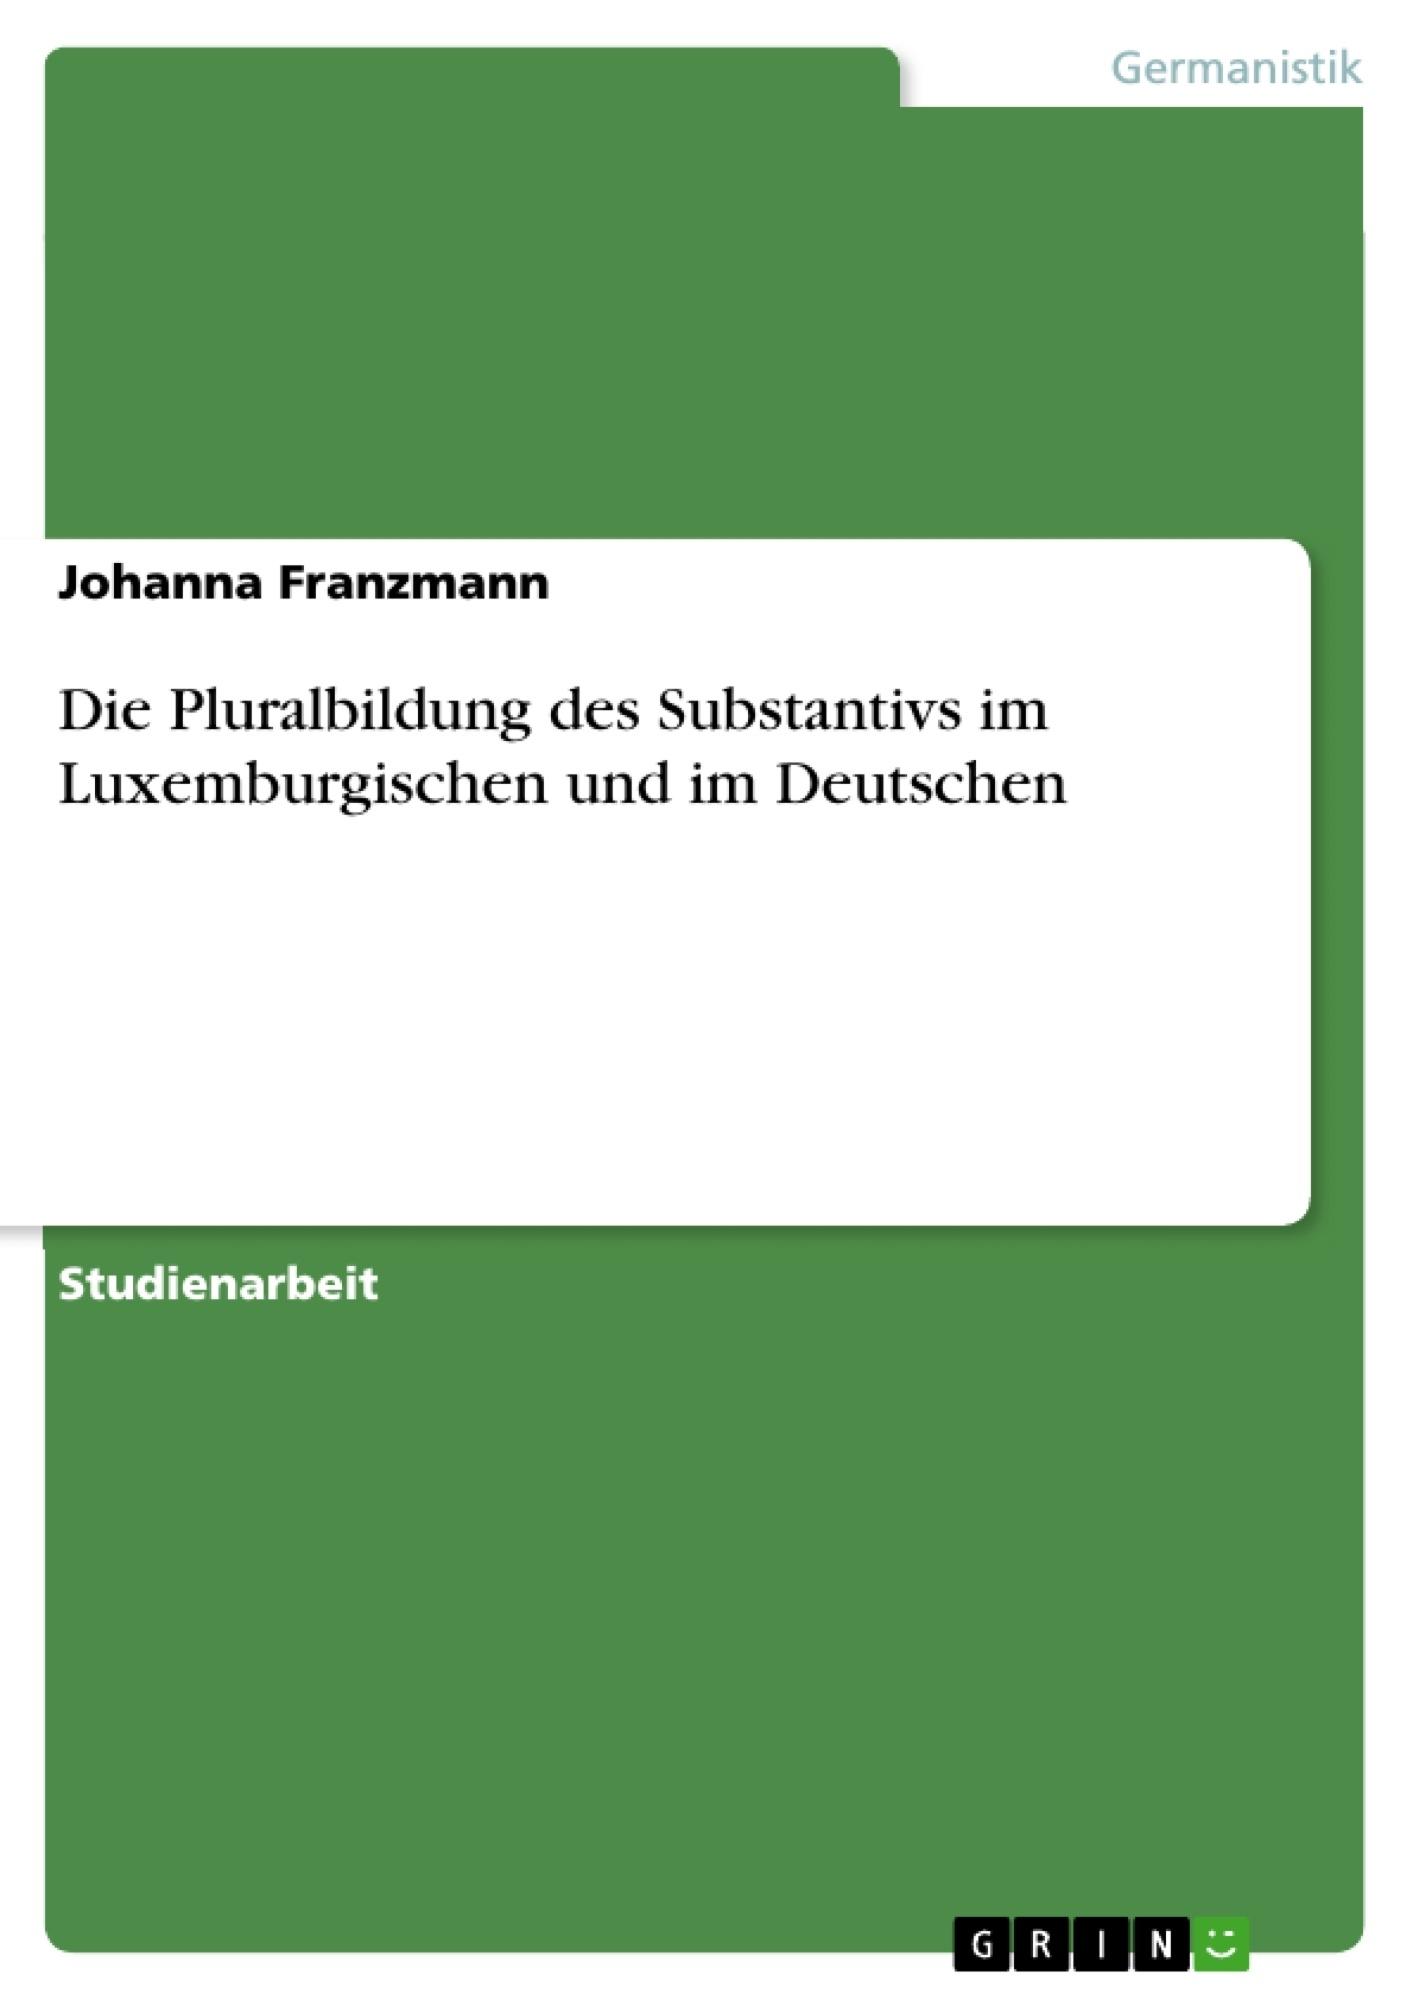 Titel: Die Pluralbildung des Substantivs im Luxemburgischen und im Deutschen